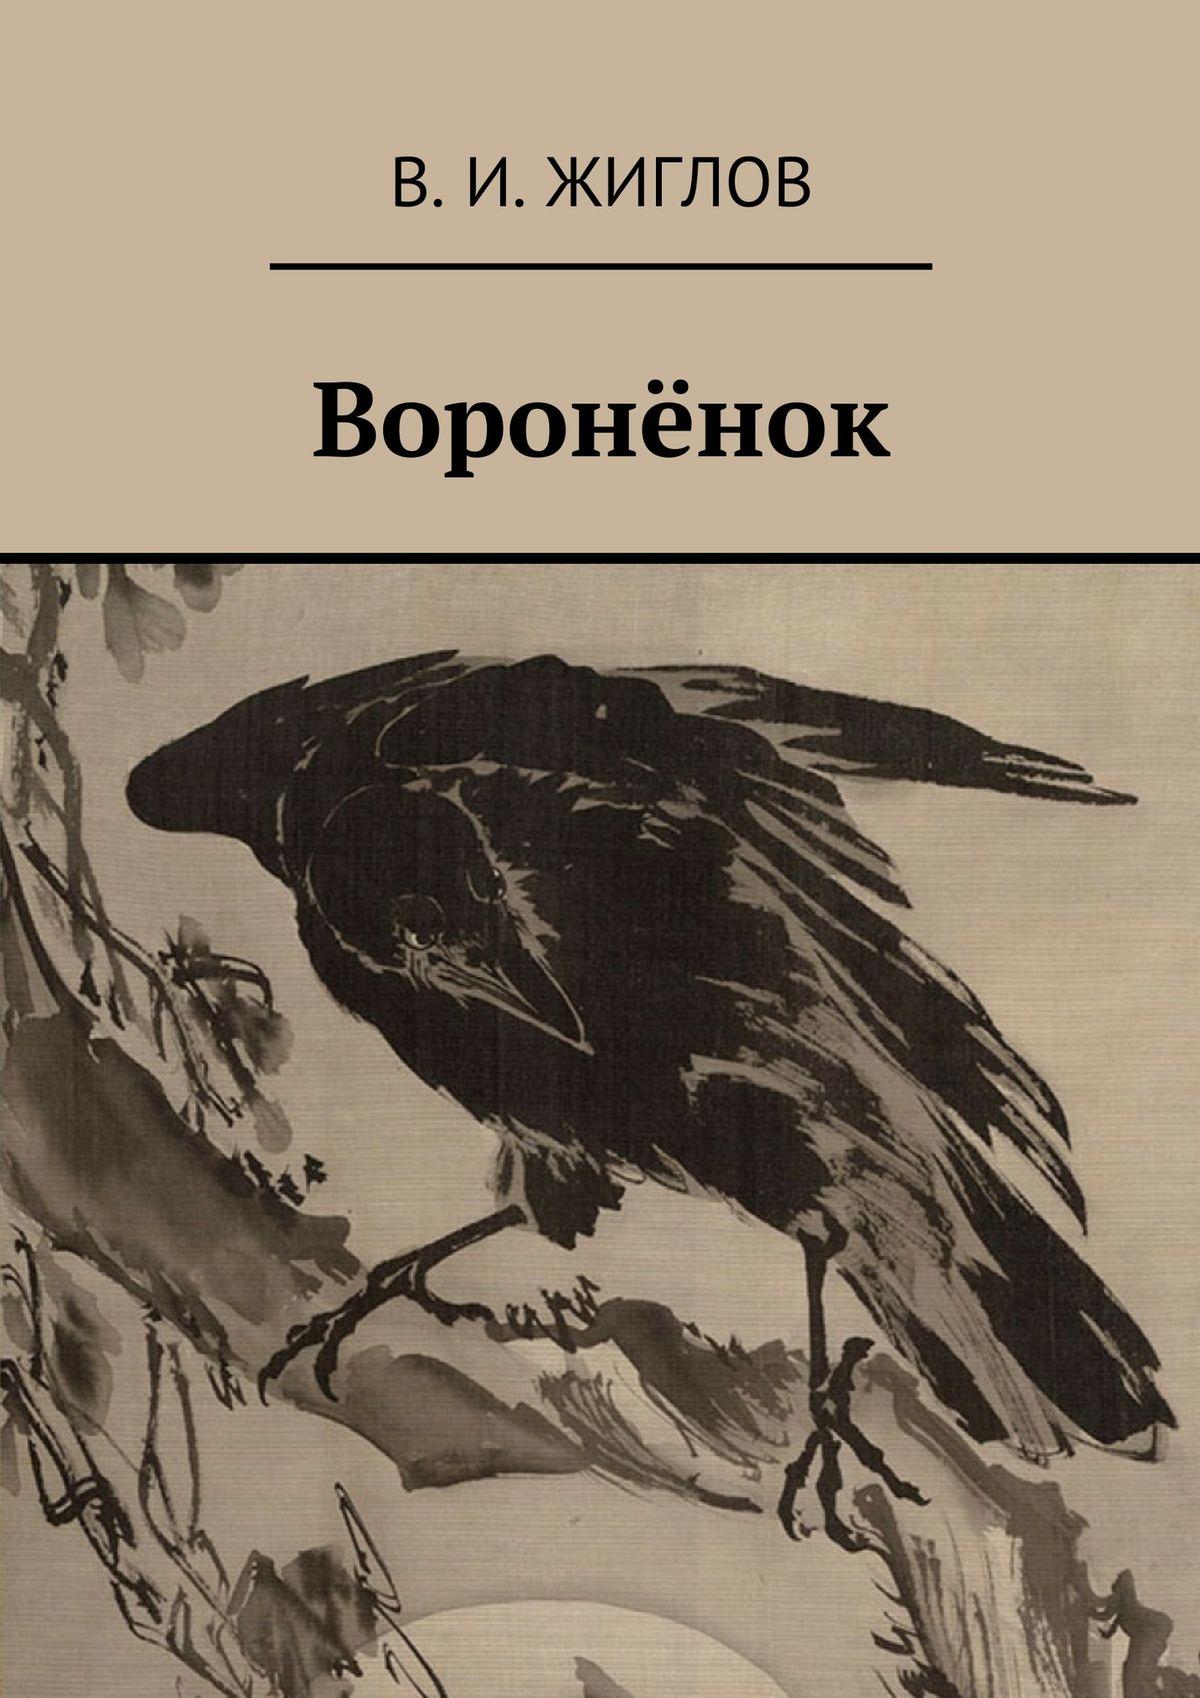 В. И. Жиглов Воронёнок в и жиглов женский портрет xv xxвв составительв и жиглов